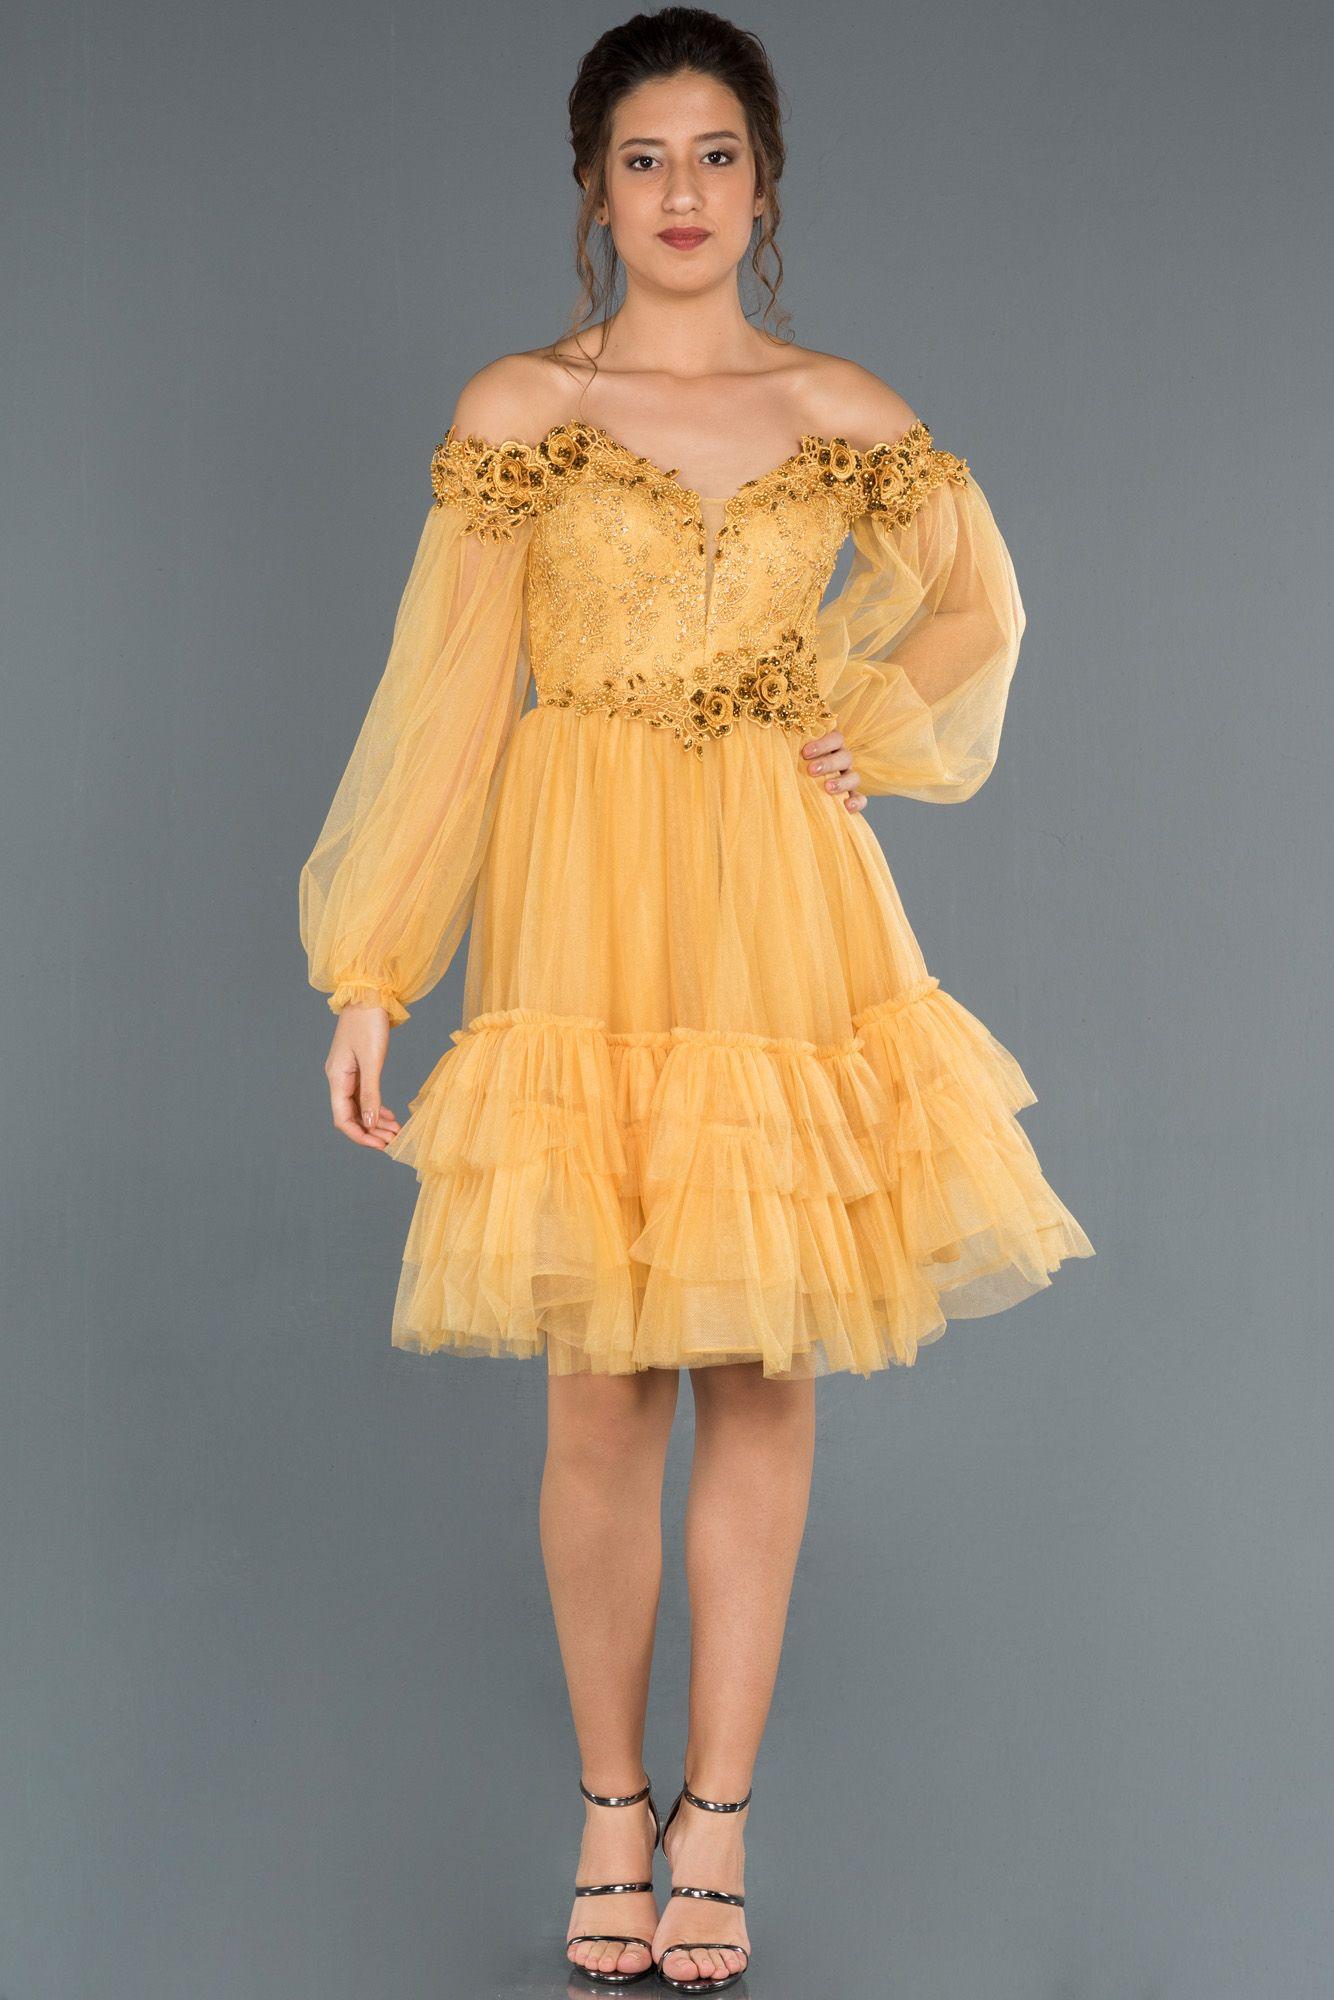 Sari Balon Kol Islemeli Straplez Abiye Abk779 2020 The Dress Elbise Modelleri Elbise